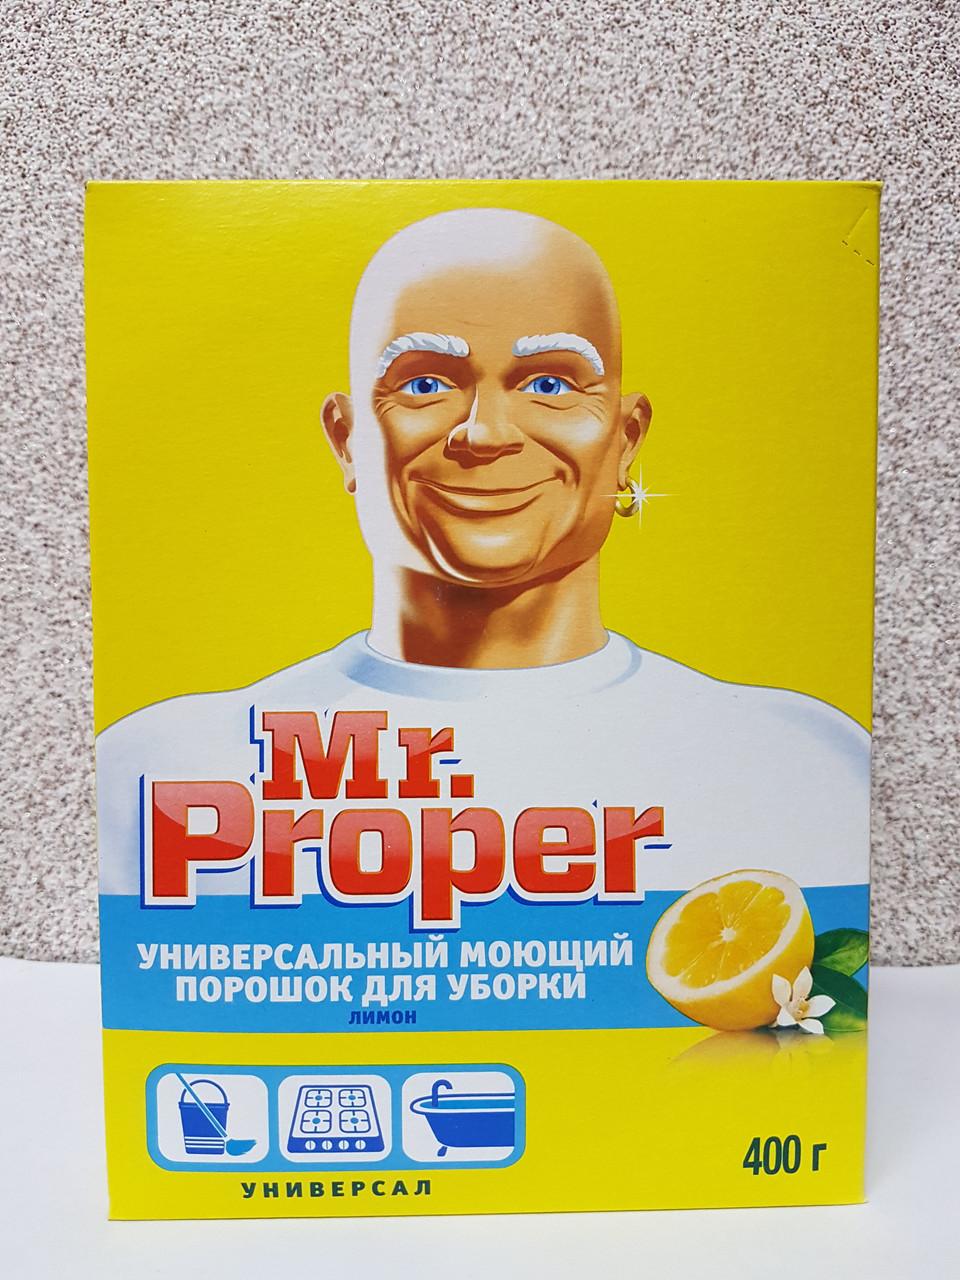 Порошок Мистер Пропер лимон